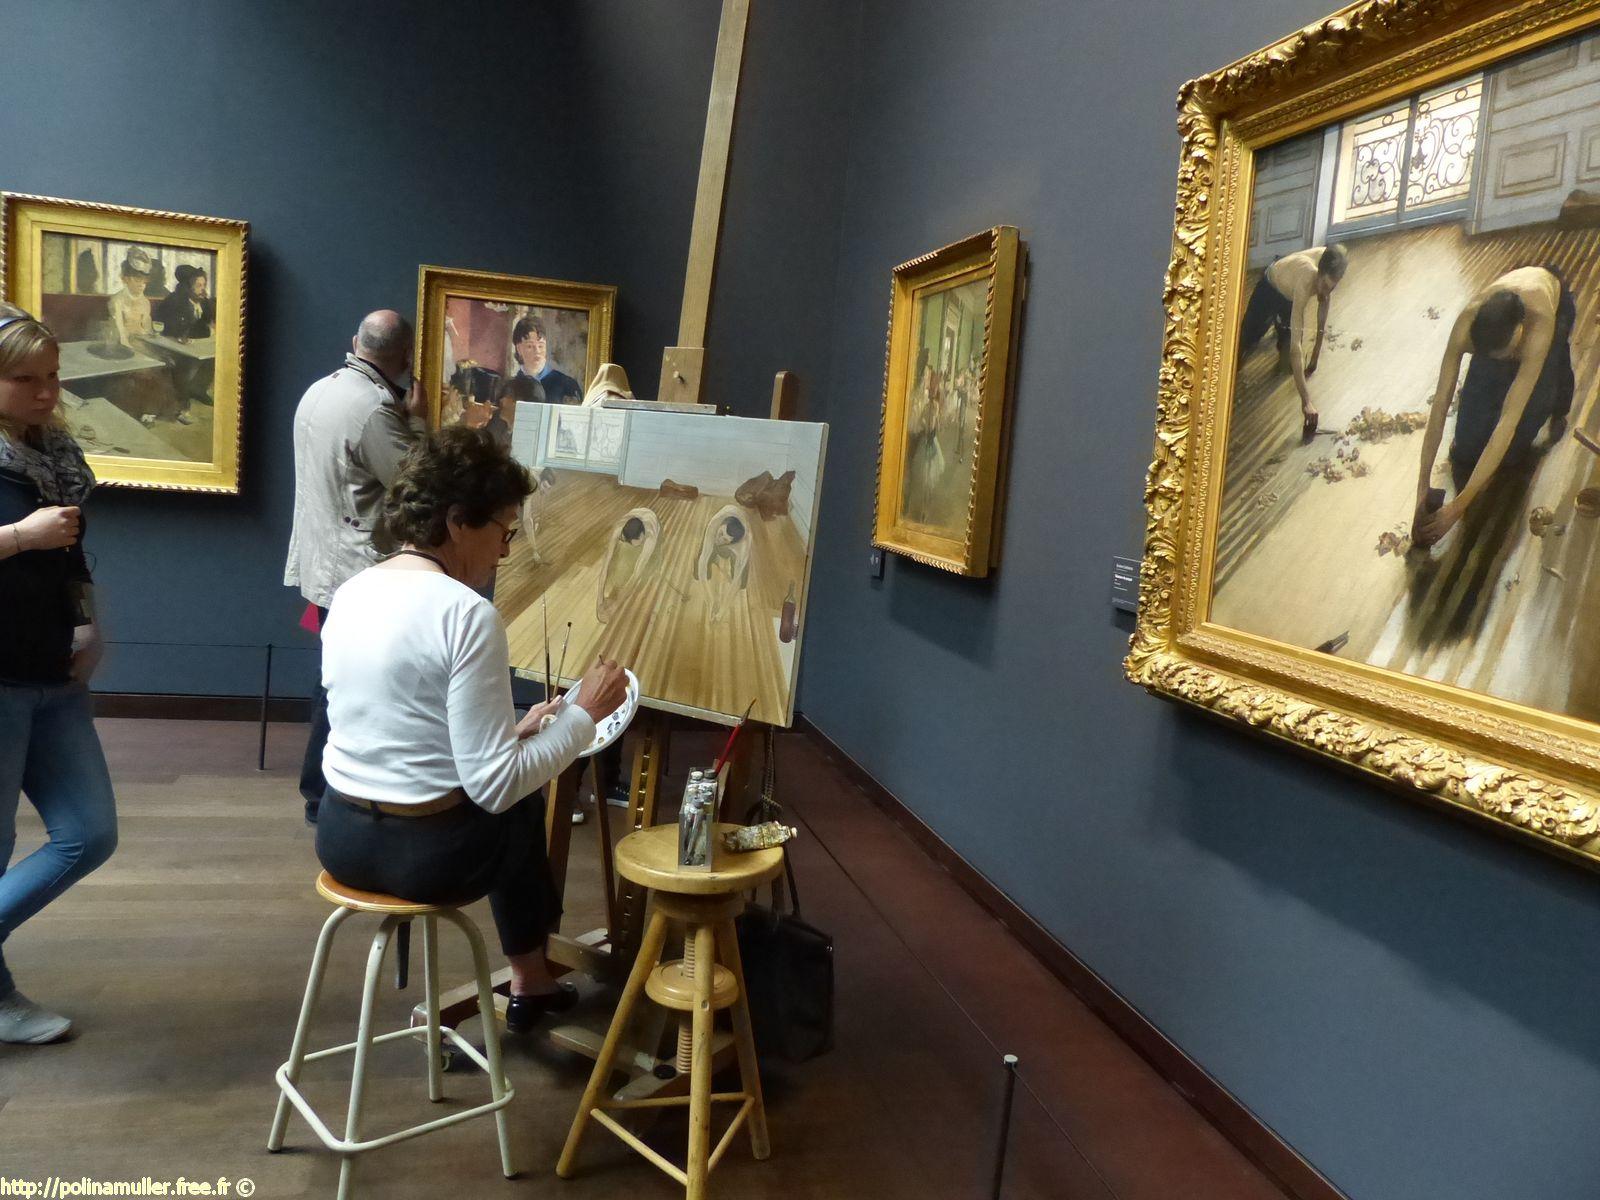 Музей д'Орсэ. Musée d'Orsay